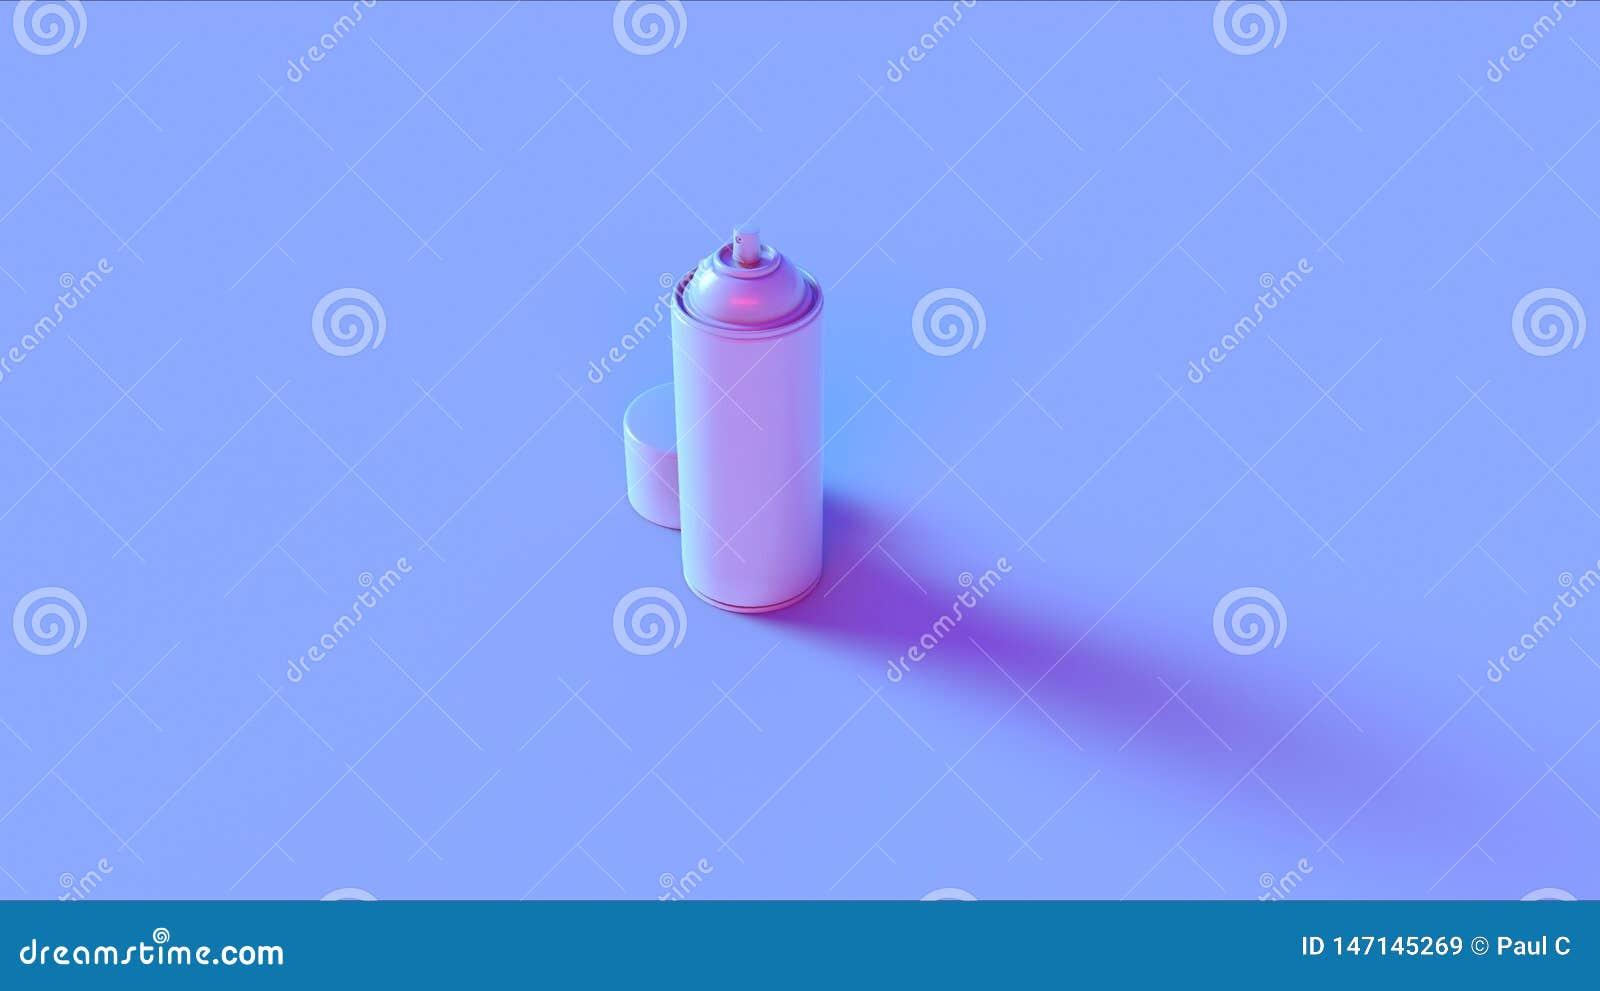 Lata de pulverizador cor-de-rosa azul